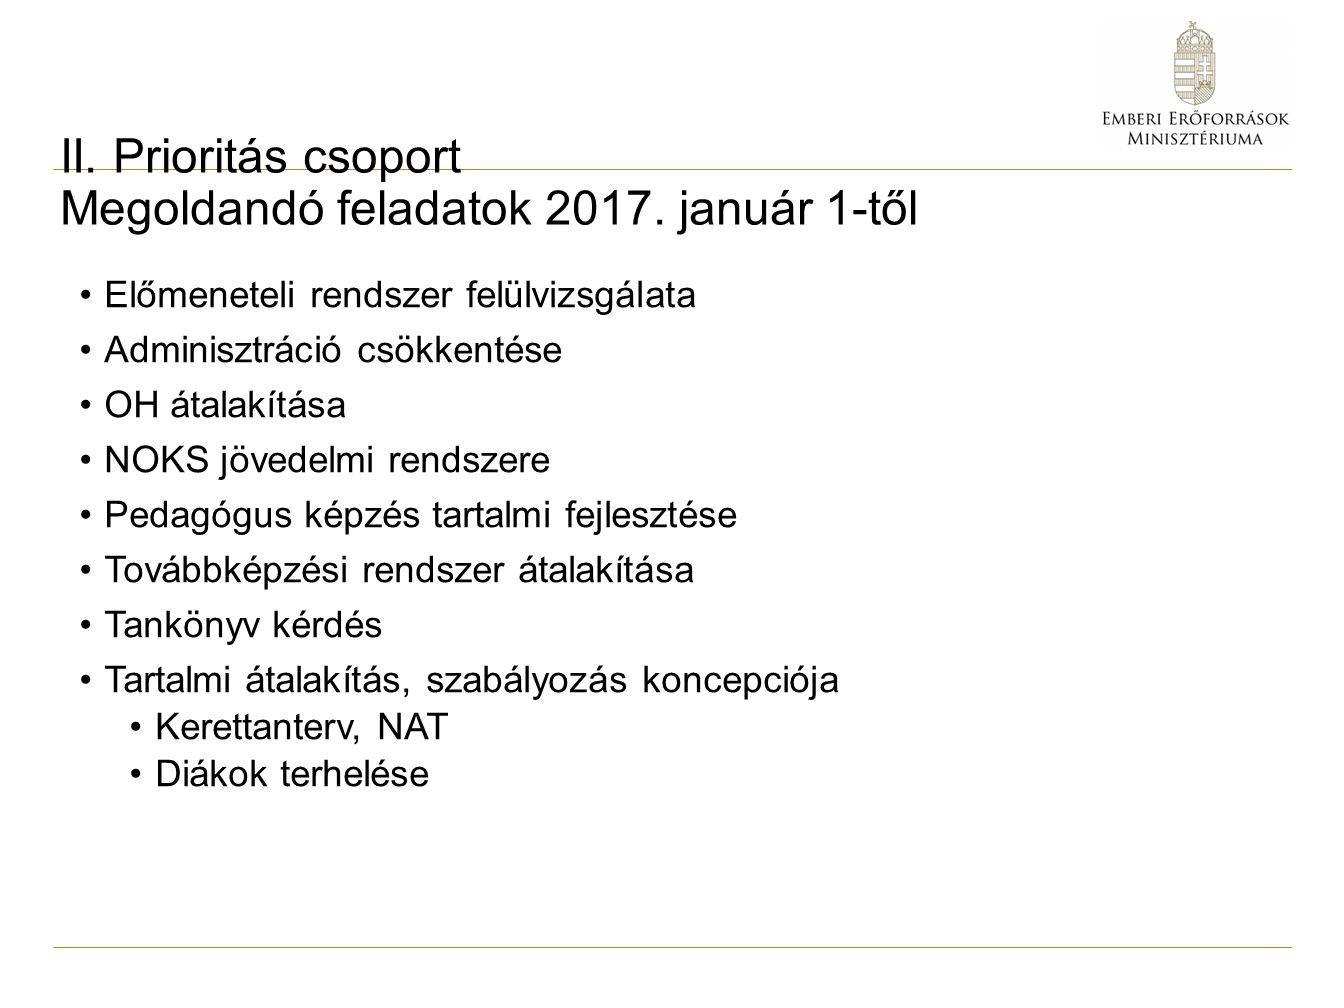 II. Prioritás csoport Megoldandó feladatok 2017. január 1-től Előmeneteli rendszer felülvizsgálata Adminisztráció csökkentése OH átalakítása NOKS jöve